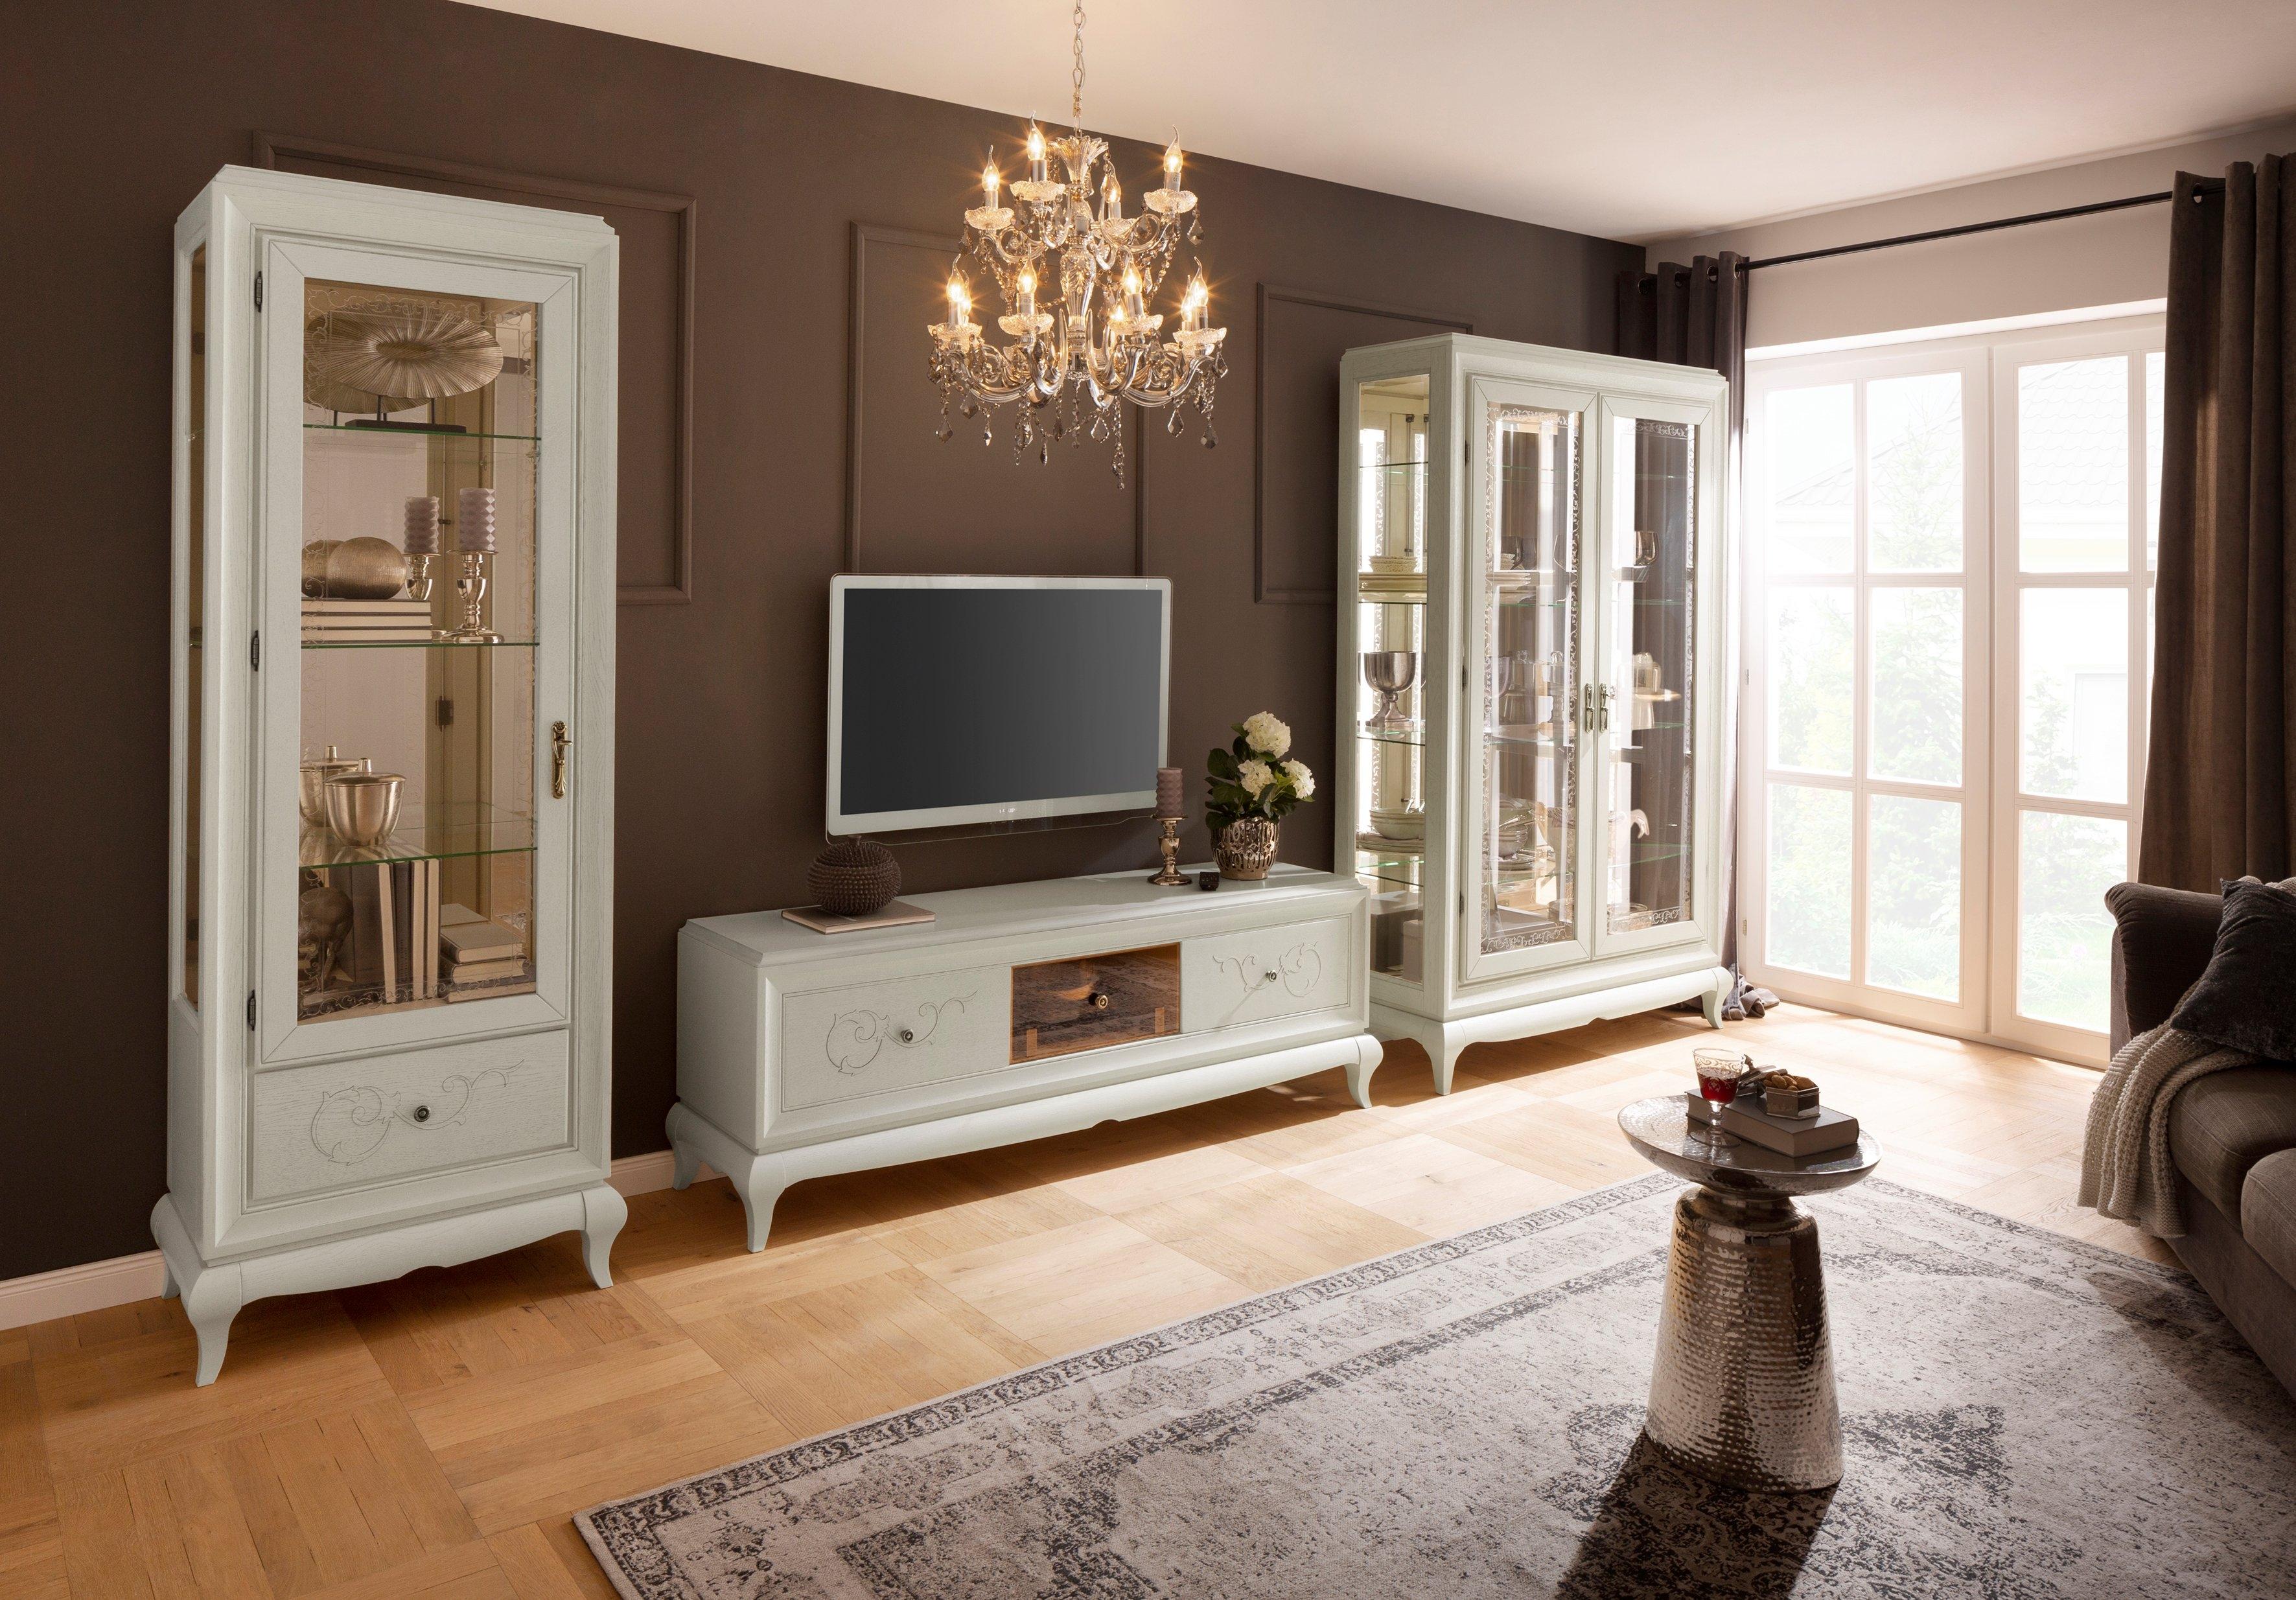 DELAVITA tv-meubel Sonata Tv-tafel met leuke ornamenten bestellen: 30 dagen bedenktijd